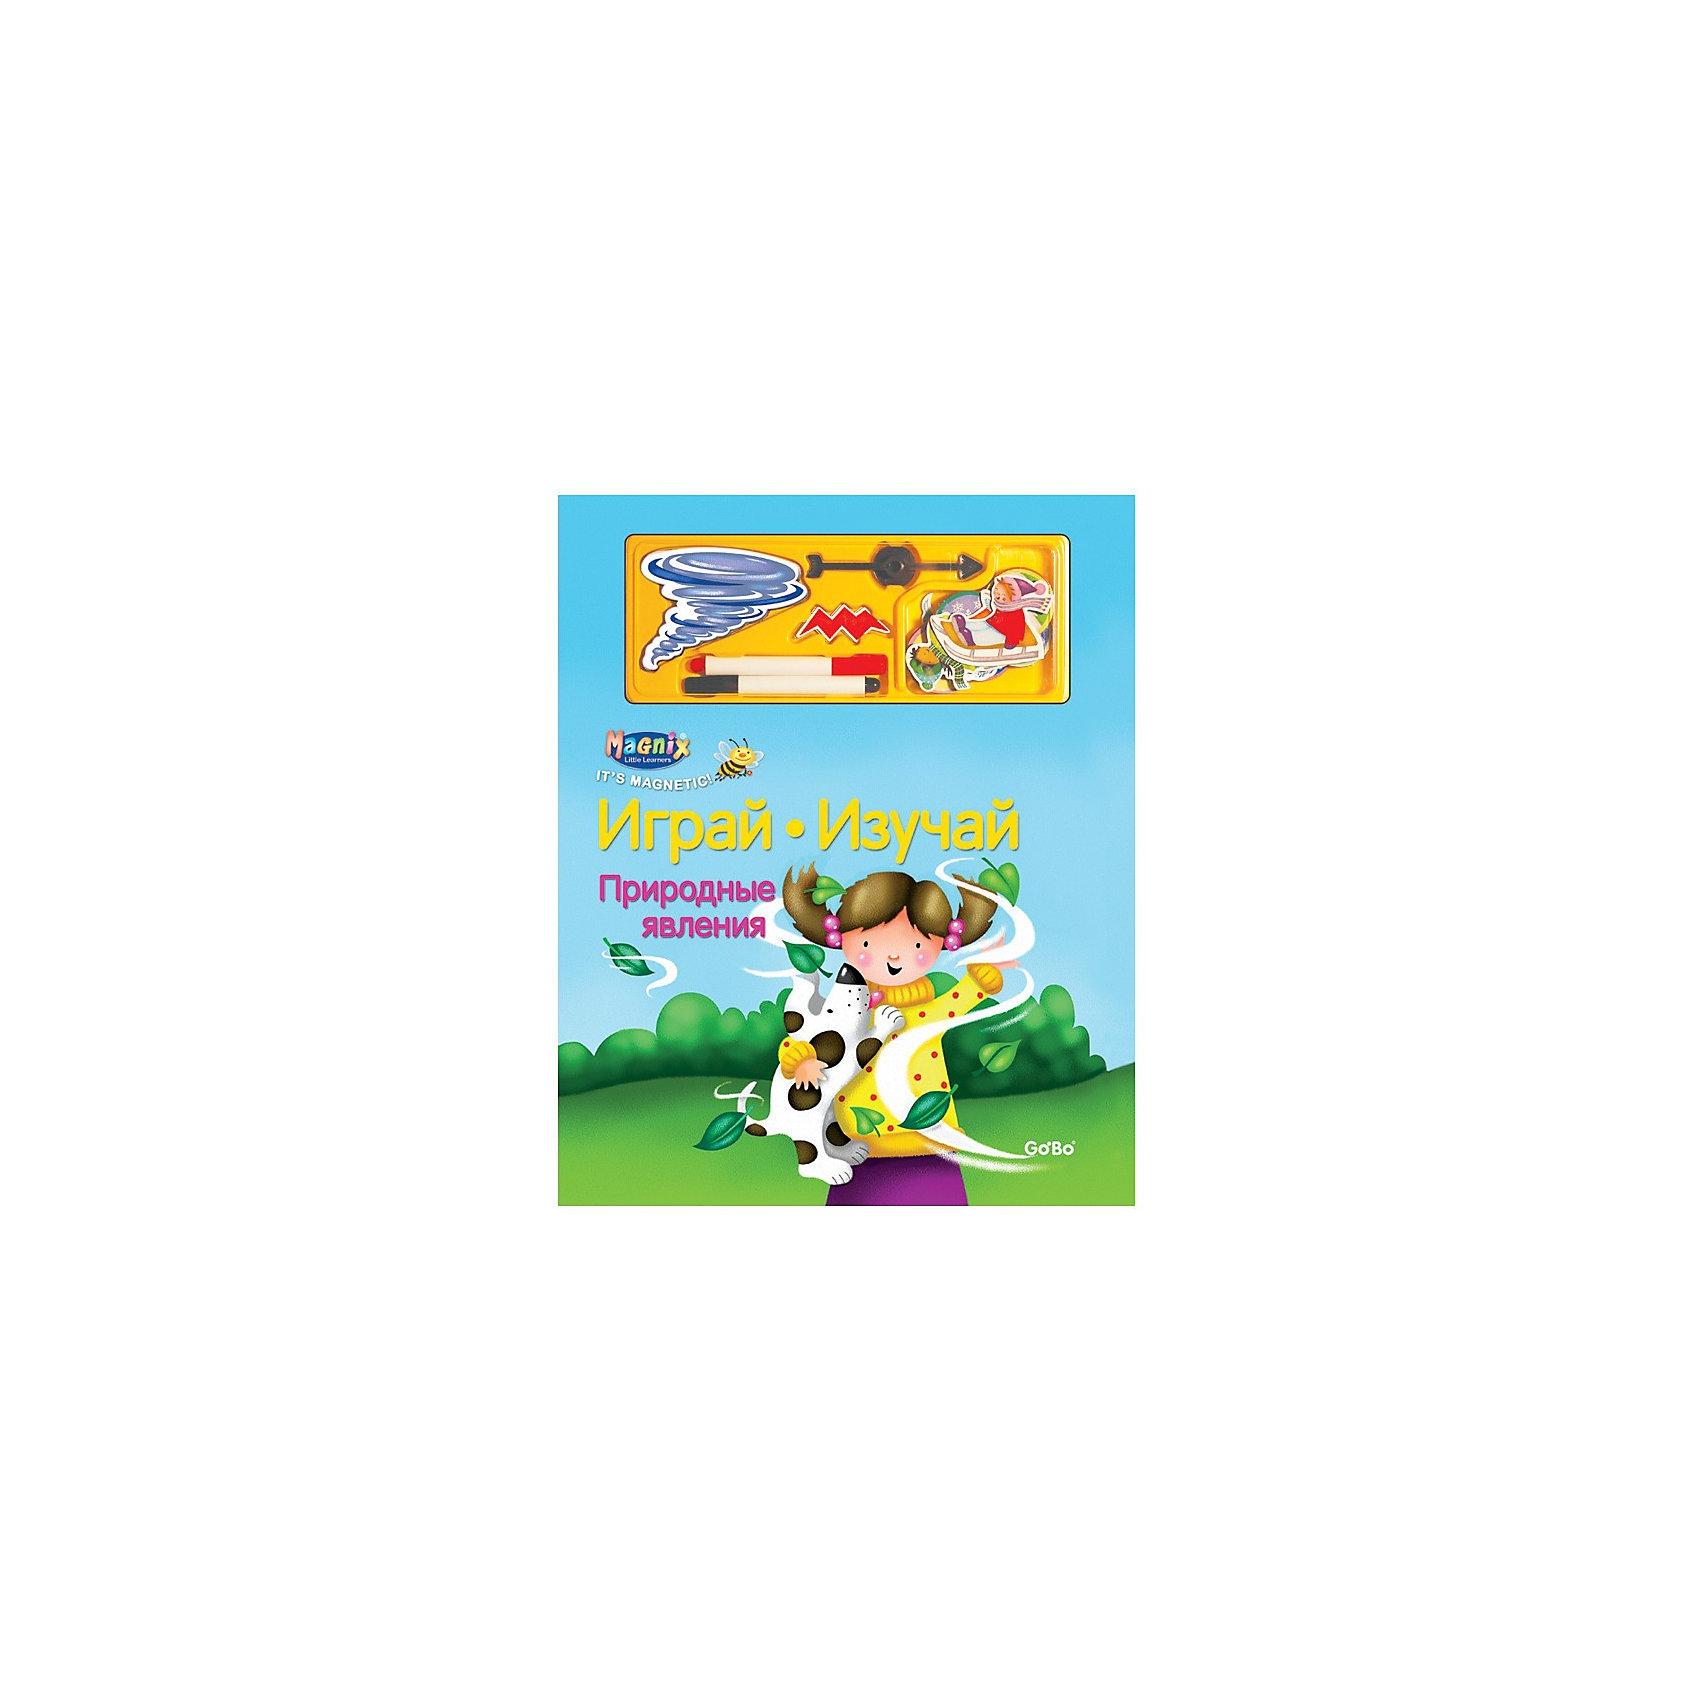 Книга с заданиями Природные явления, Играй-изучай!Книга с 13 магнитными и гладкими страницами с заданиями и играми (для письма и приклеивания карточек). Дополнительная информация: в комплект входит: книга с магнитными страницами, 20 магнитных карточек, 2 фломастера, ластик, указательная стрелка  для заданий. Размеры ((д/ш/в): 220 х 15 х 270 мм<br><br>Ширина мм: 220<br>Глубина мм: 15<br>Высота мм: 270<br>Вес г: 500<br>Возраст от месяцев: 36<br>Возраст до месяцев: 72<br>Пол: Унисекс<br>Возраст: Детский<br>SKU: 2358189